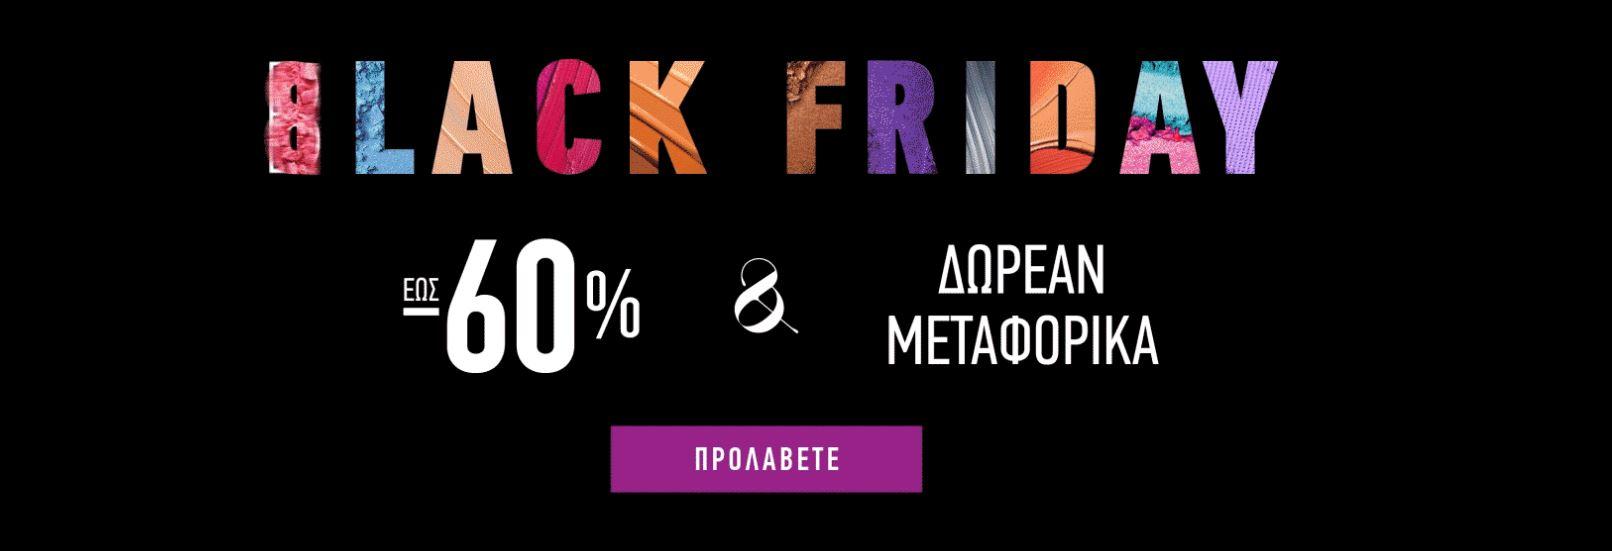 attica-black-friday-atticabeautygr-prosfores-blackfriday-ekptoseis-aromata-kallyntika-makigiaz